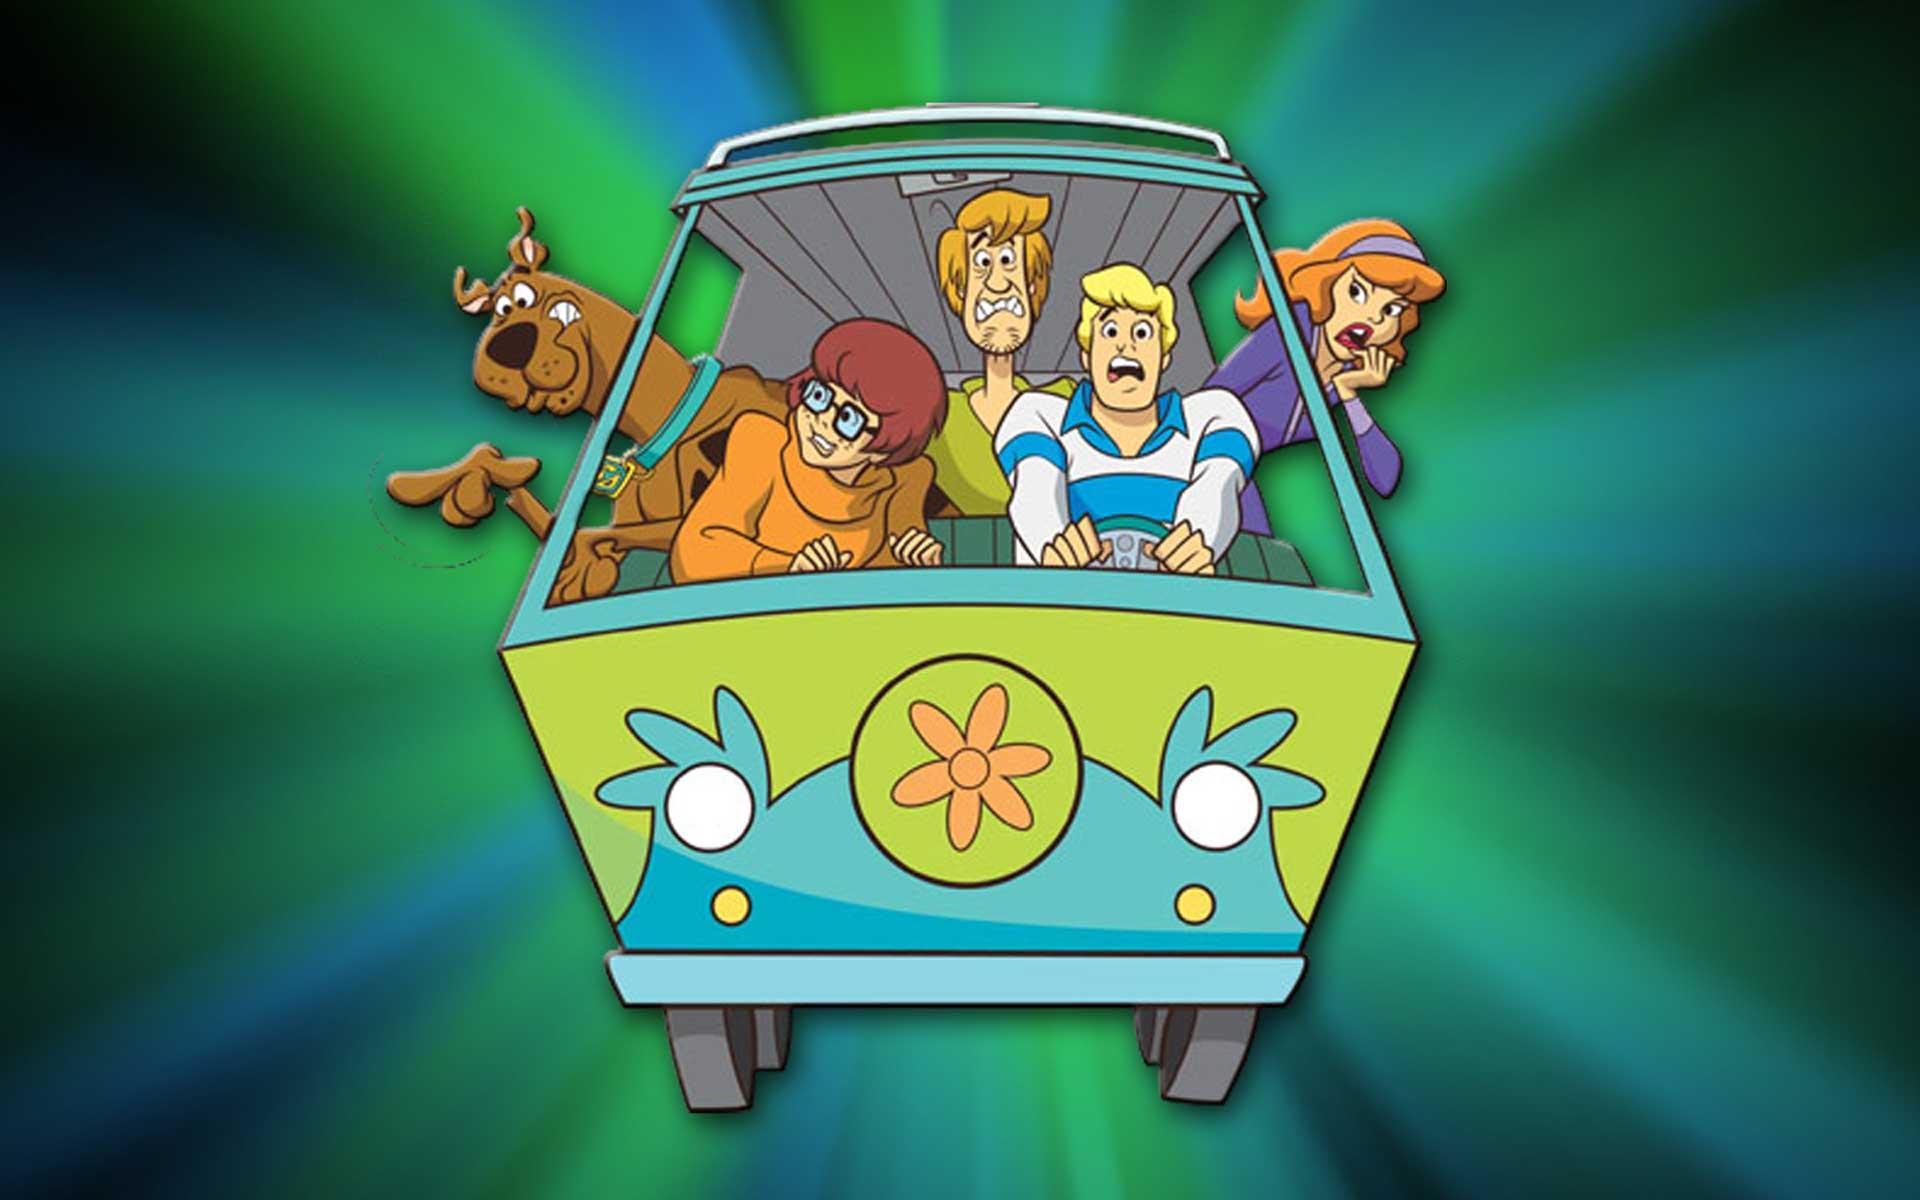 Scooby Doo Wallpapers   Top Scooby Doo Backgrounds 1920x1200